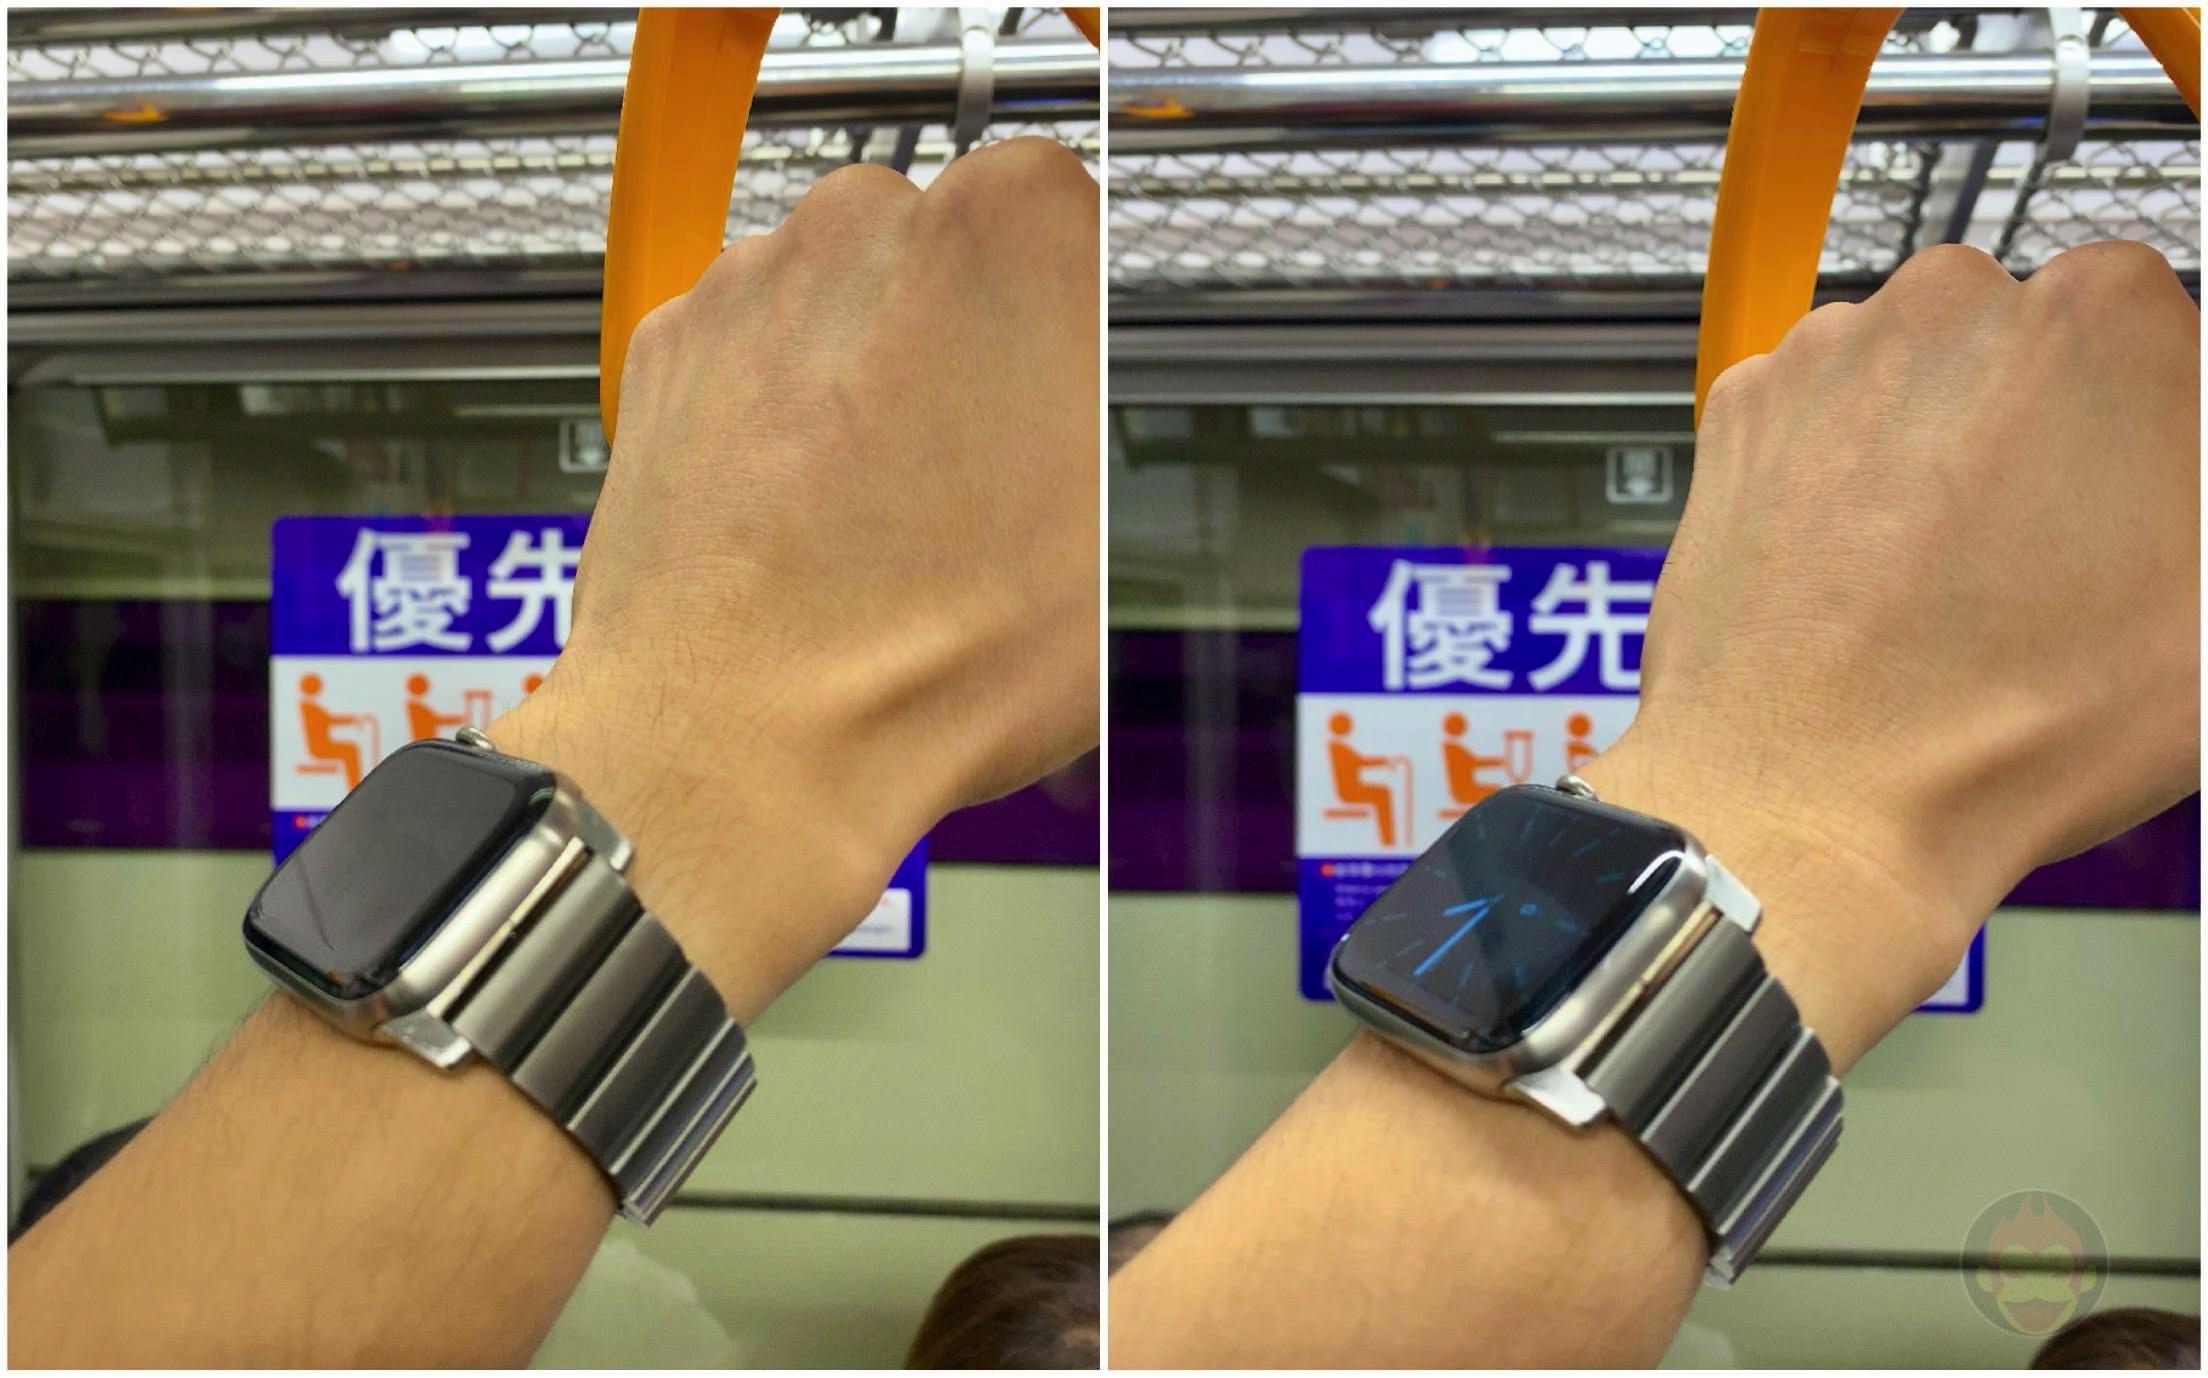 Apple-Watch-Series-5-Always-on-Display-01.jpg